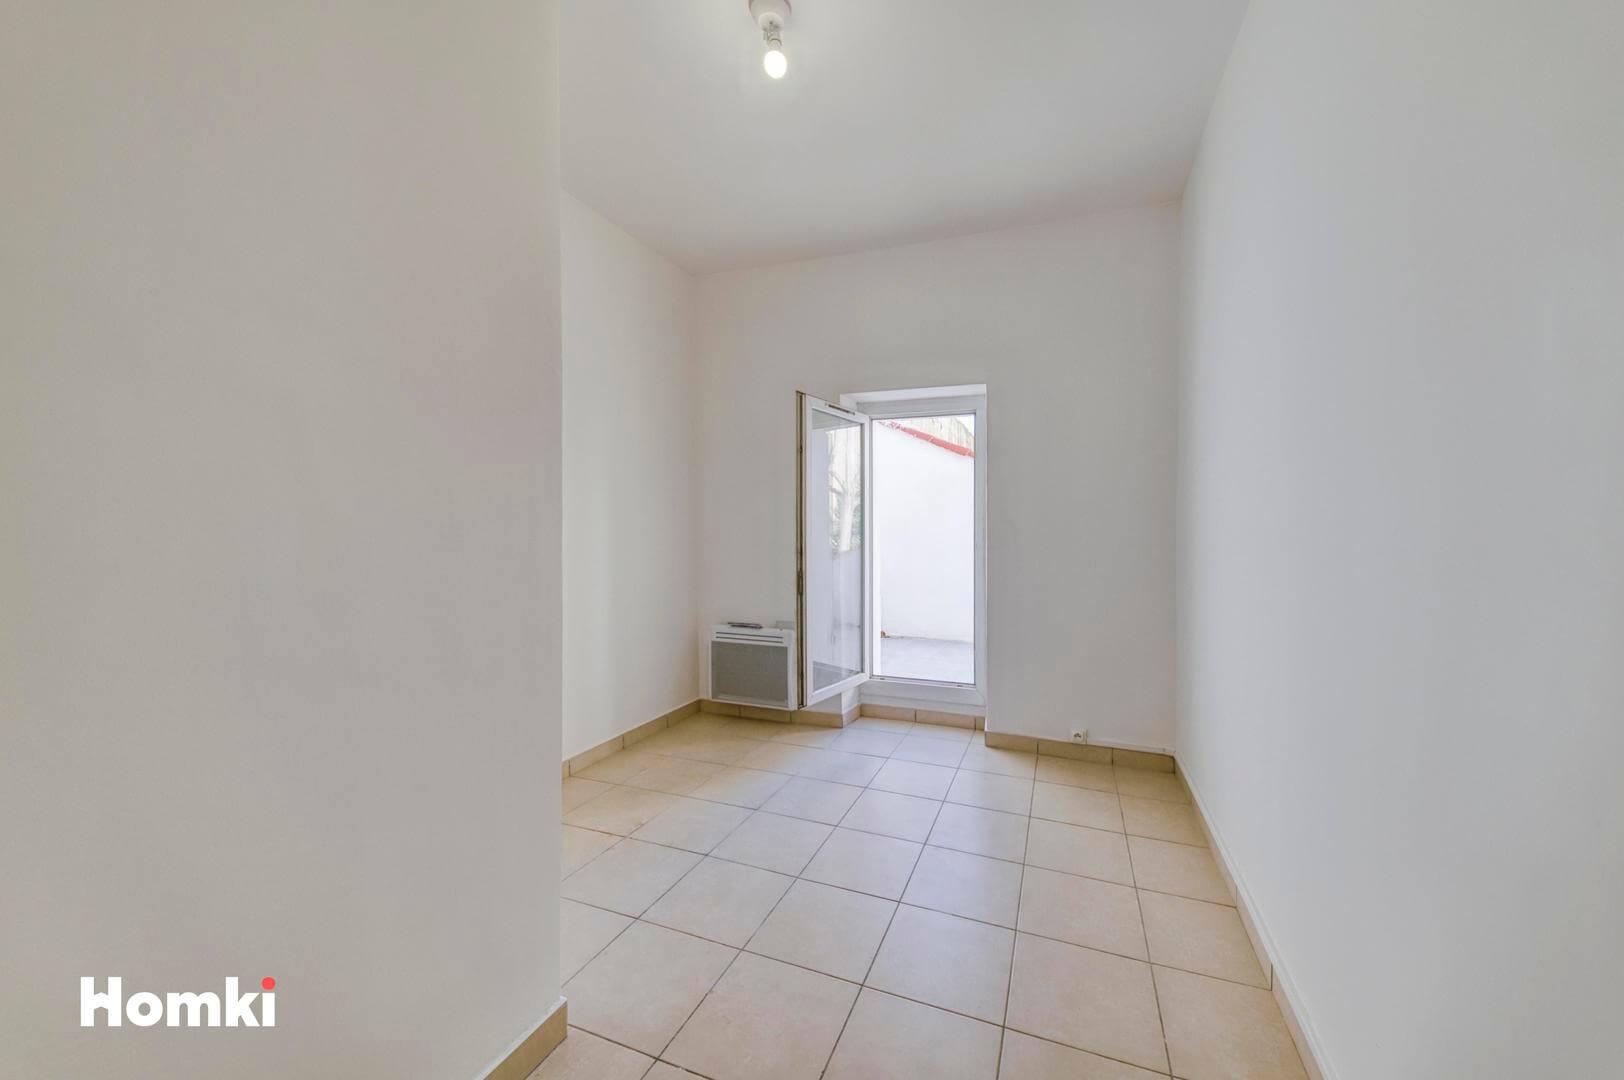 Homki - Vente Maison de ville  de 80.0 m² à Marseille 13015